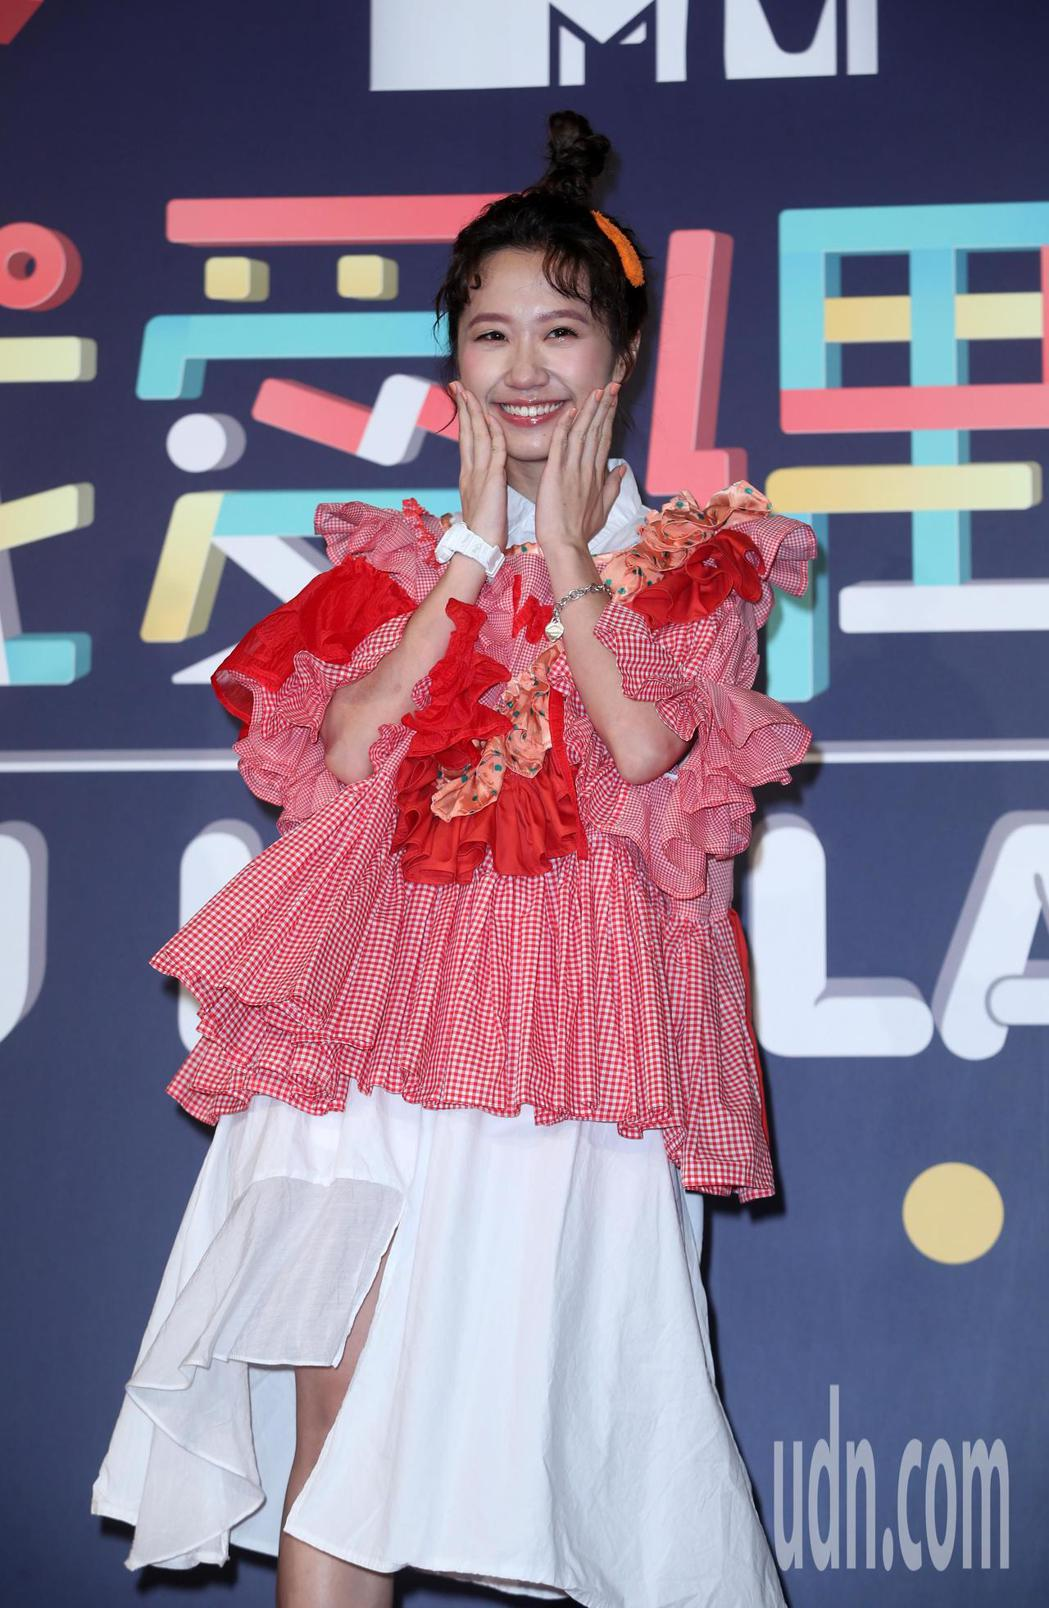 三立節目「我愛偶像Lulu Land」主持人公布和改版記者會,主持人lulu出席...